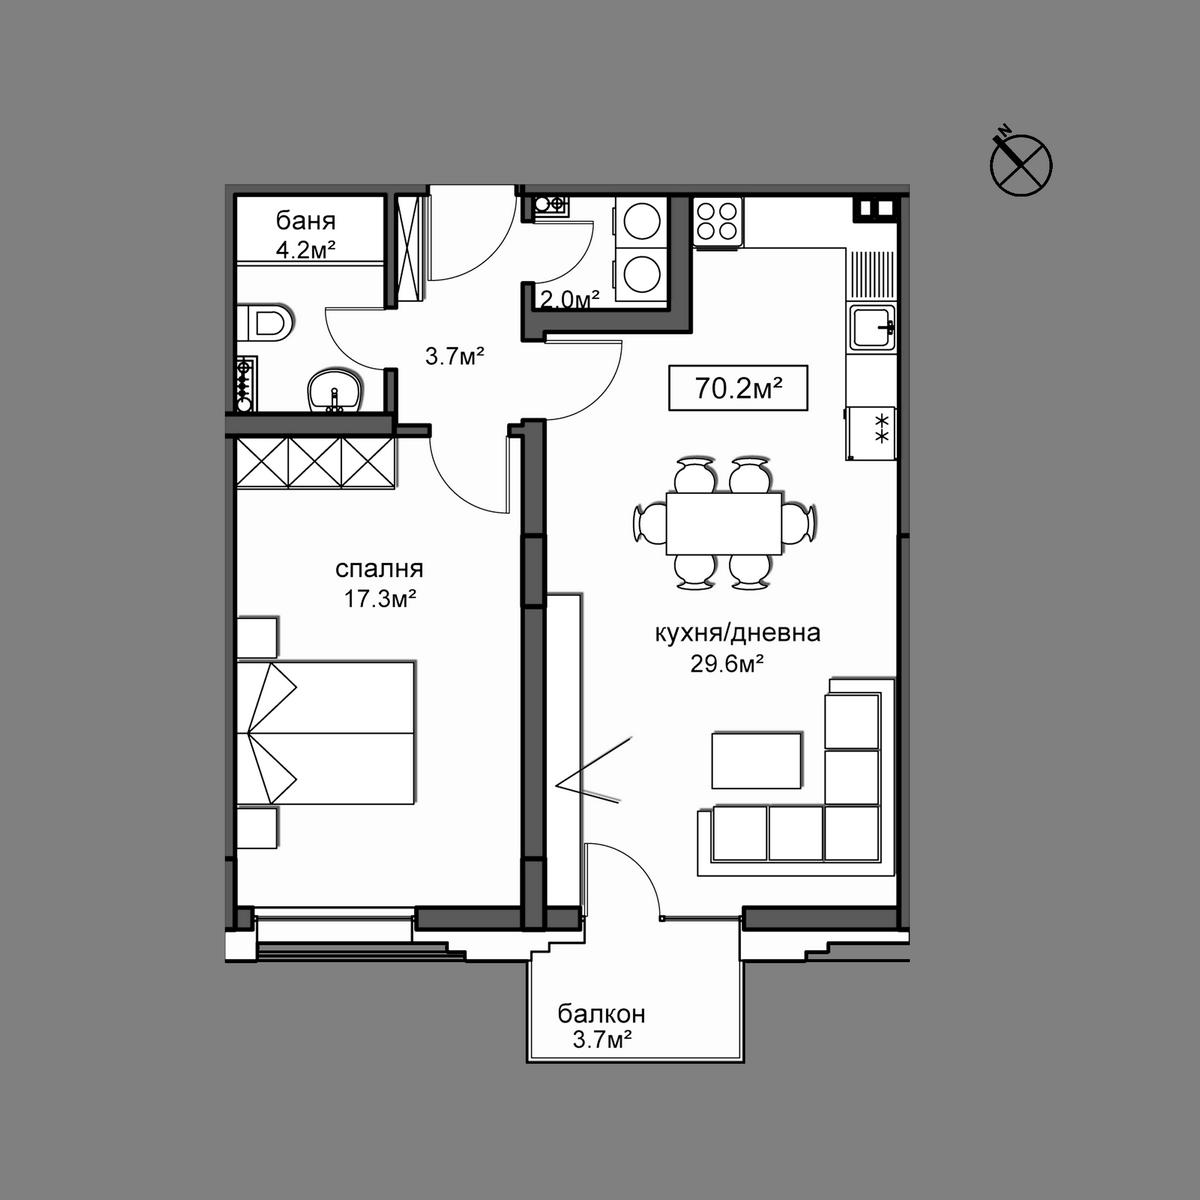 Апартамент 18